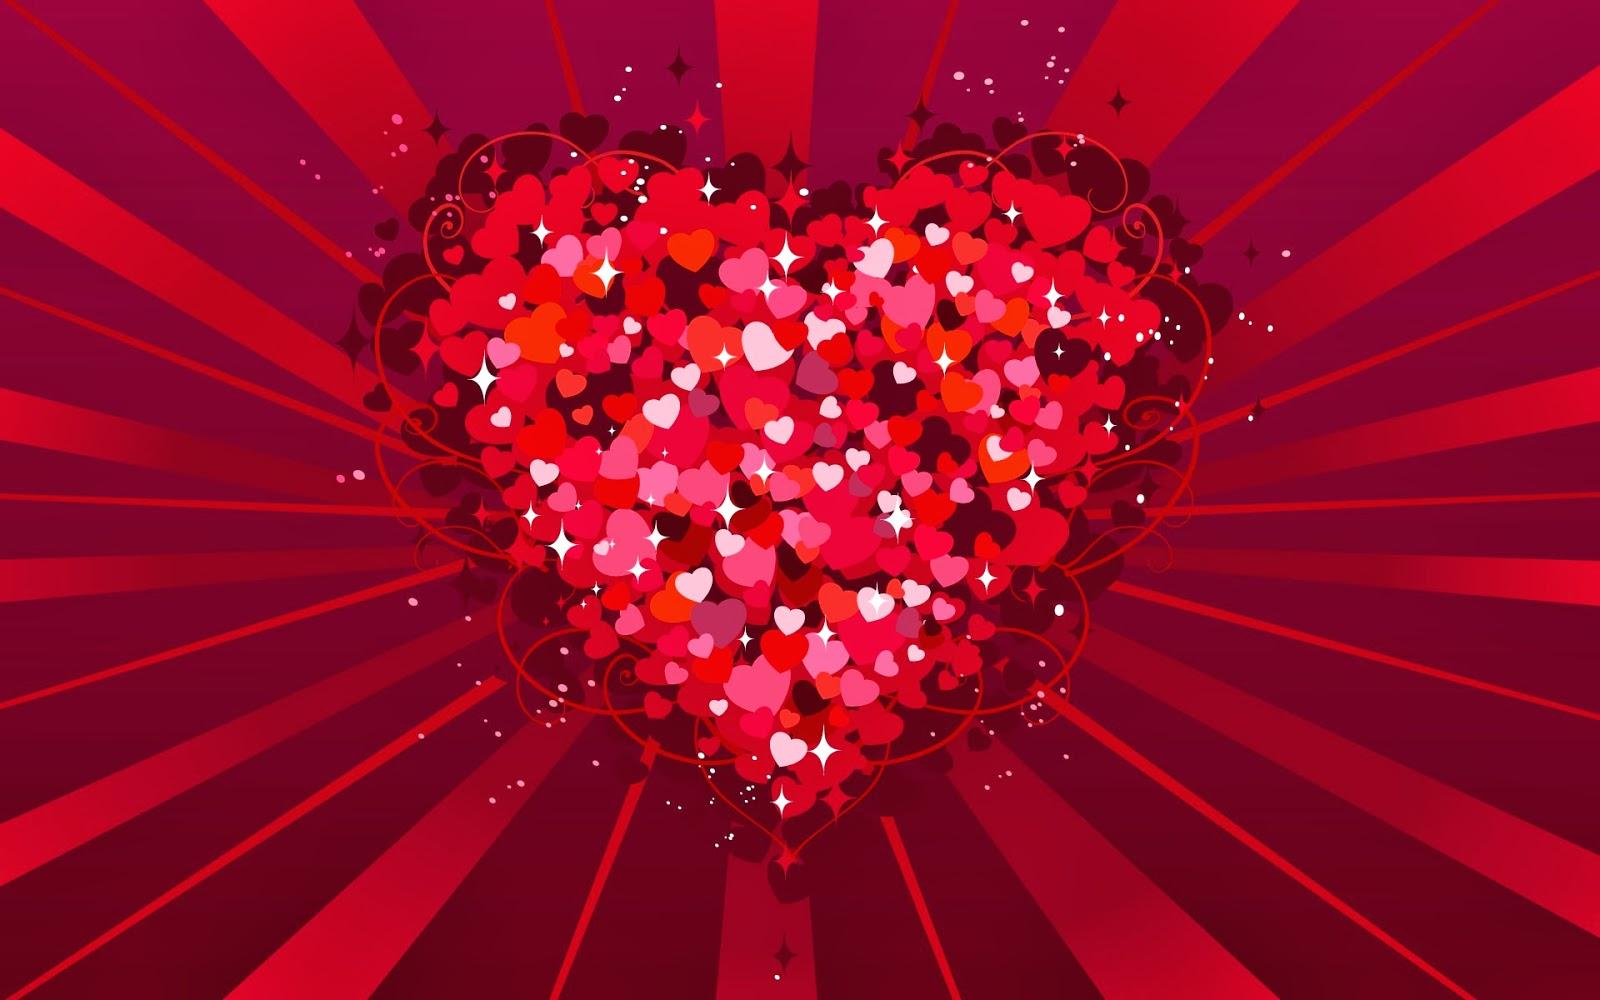 Fondos De Pantalla Animados De San Valentín: Fondo De Pantalla Dia De San Valentin Corazones Rojos